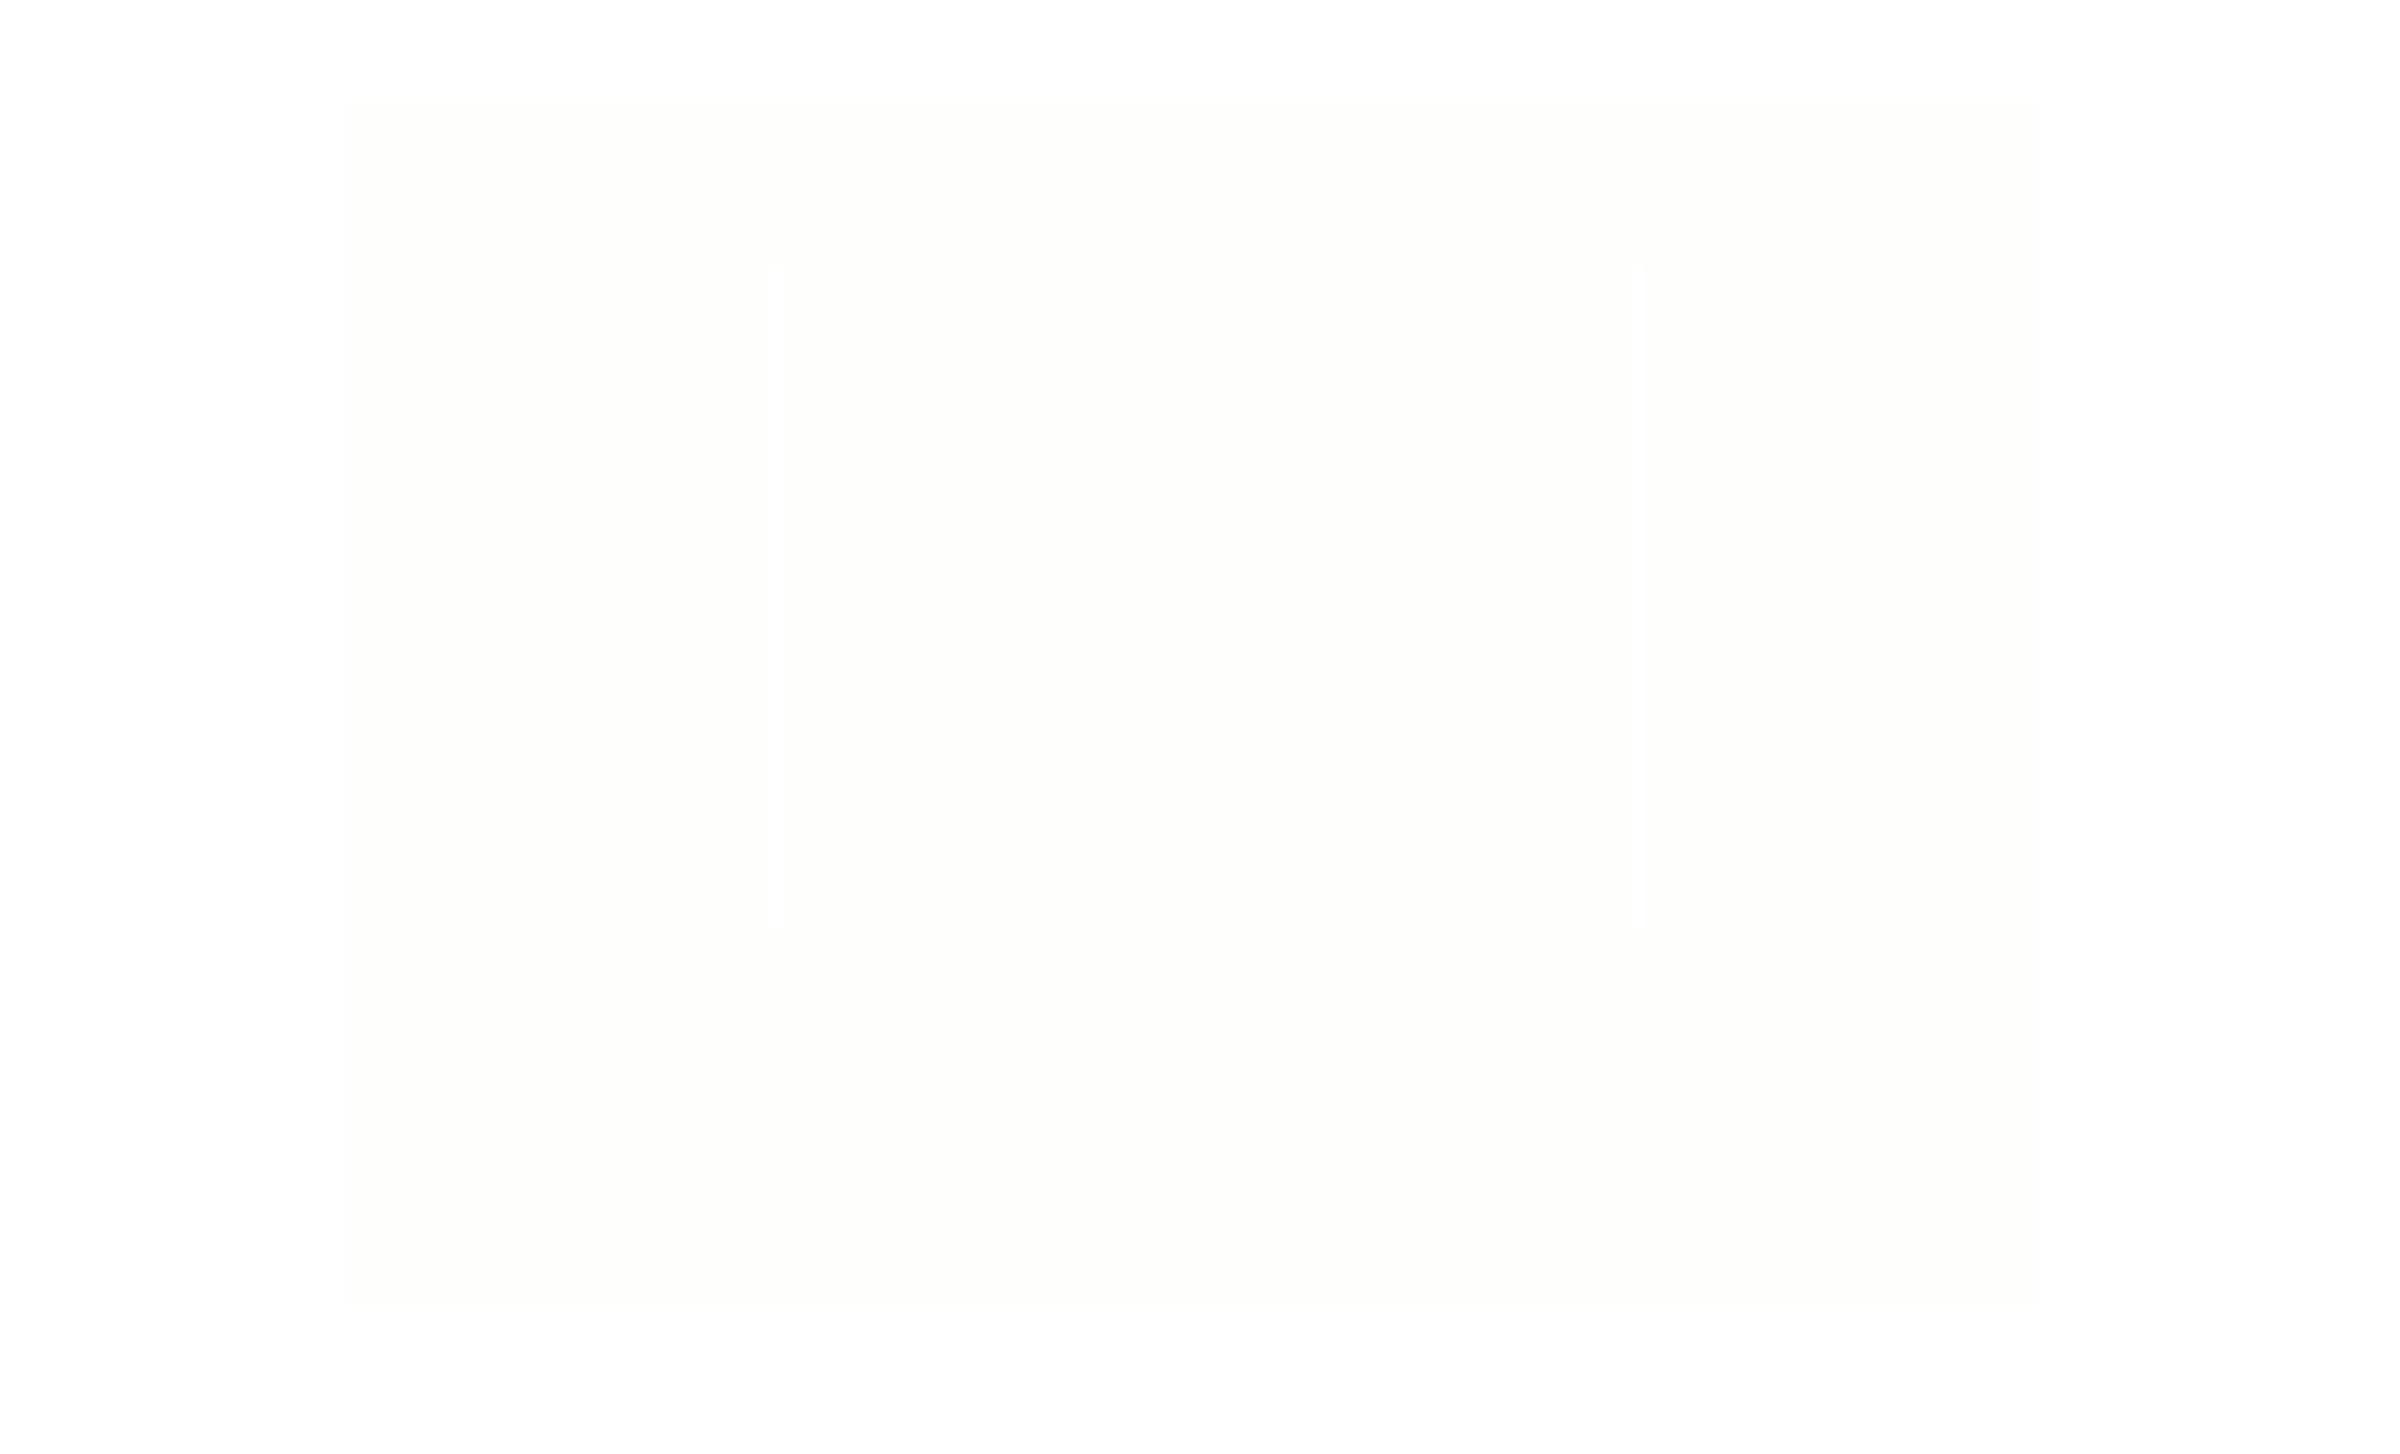 Mayers Insurance Group